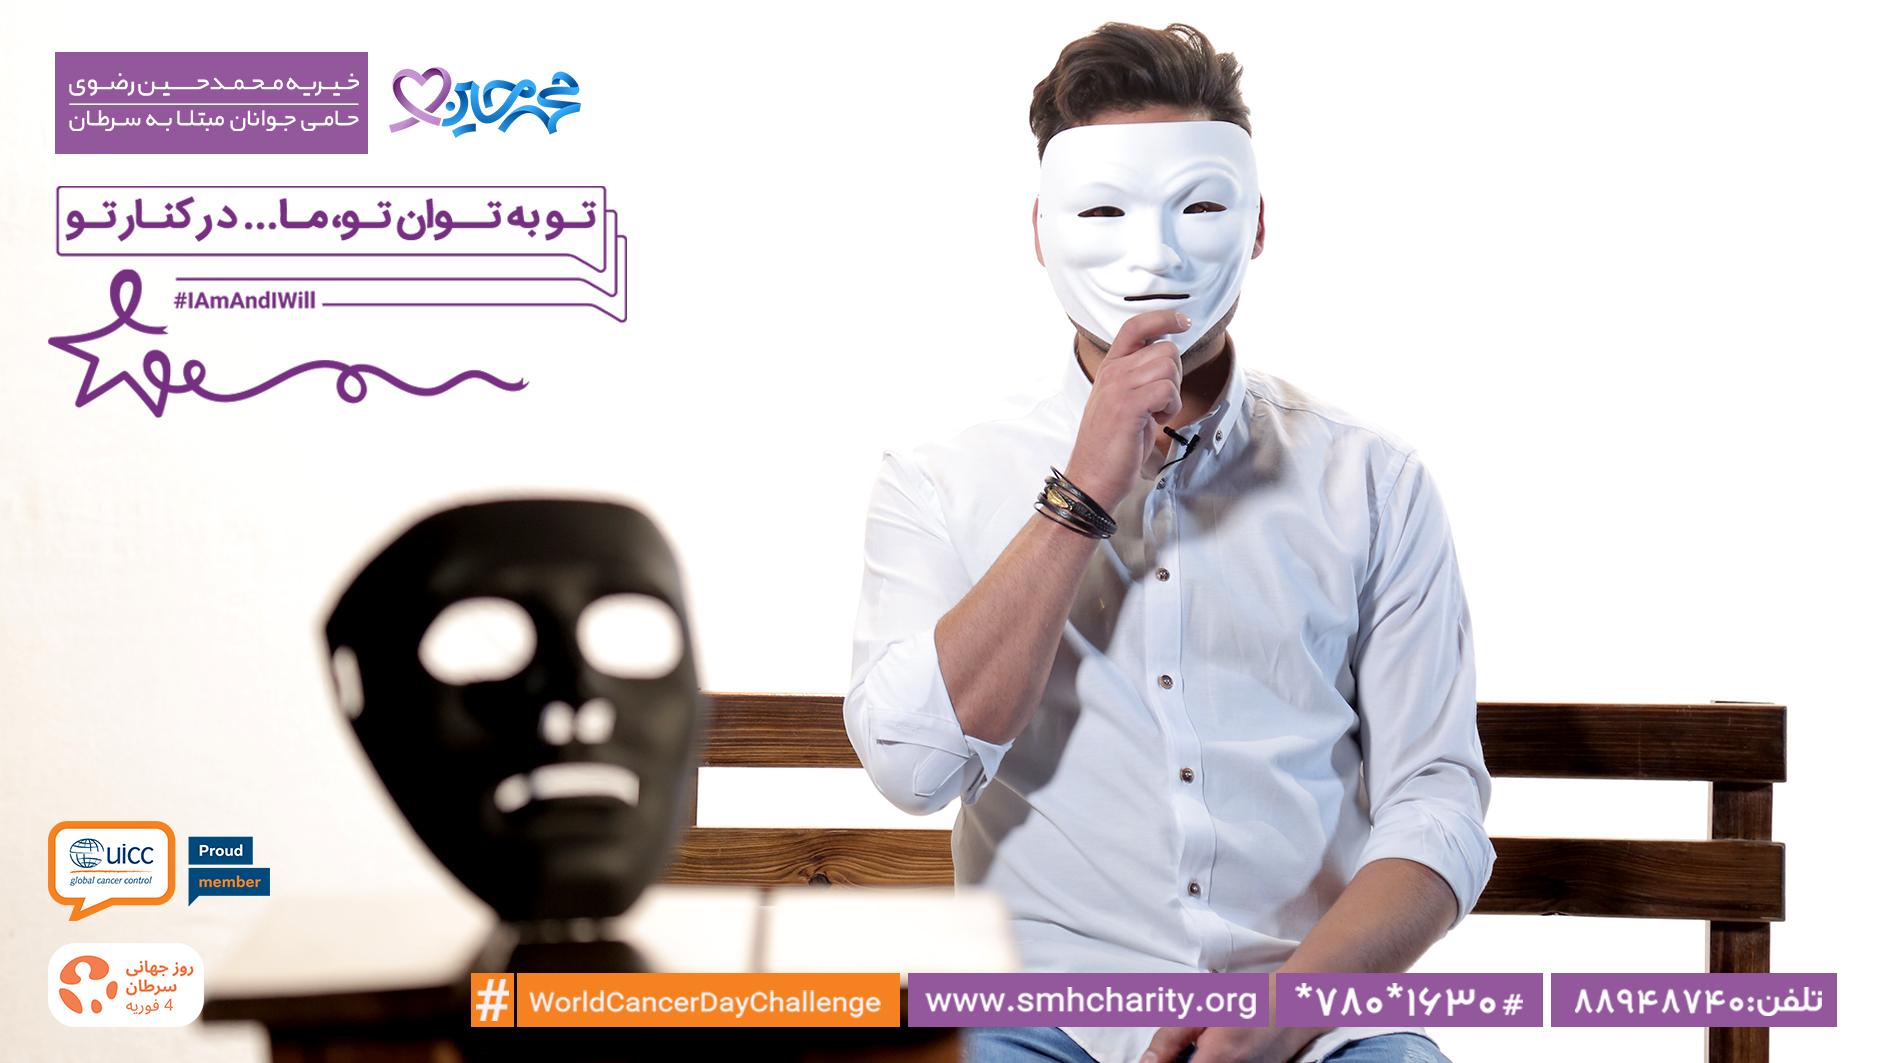 داستان محمدجواد قهرمان شماره ۵